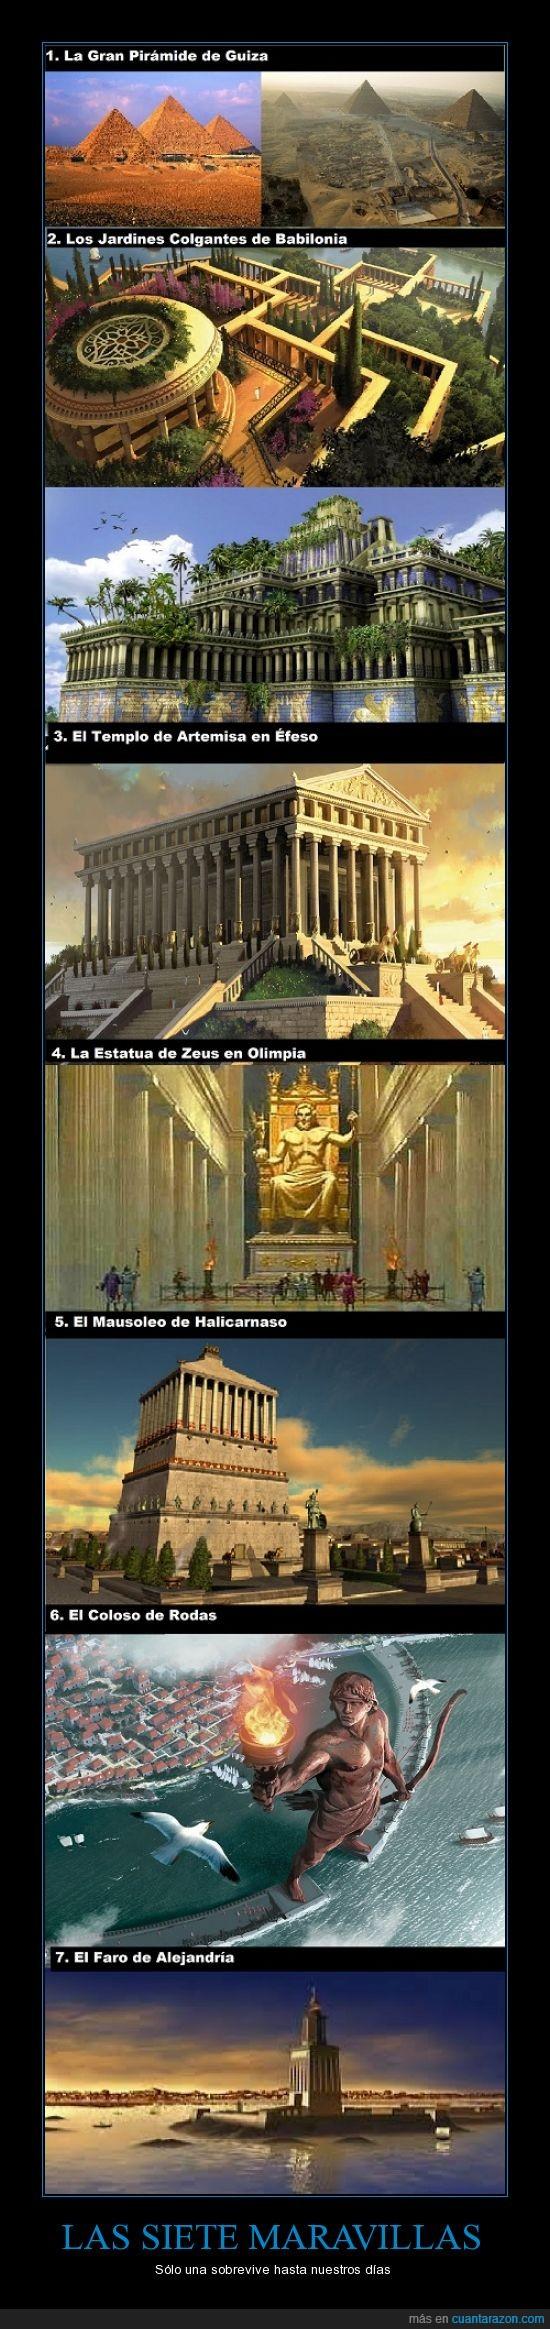 coloso,estatua,faro,jardines,maravillas,mundo antiguo,pirámides,templo